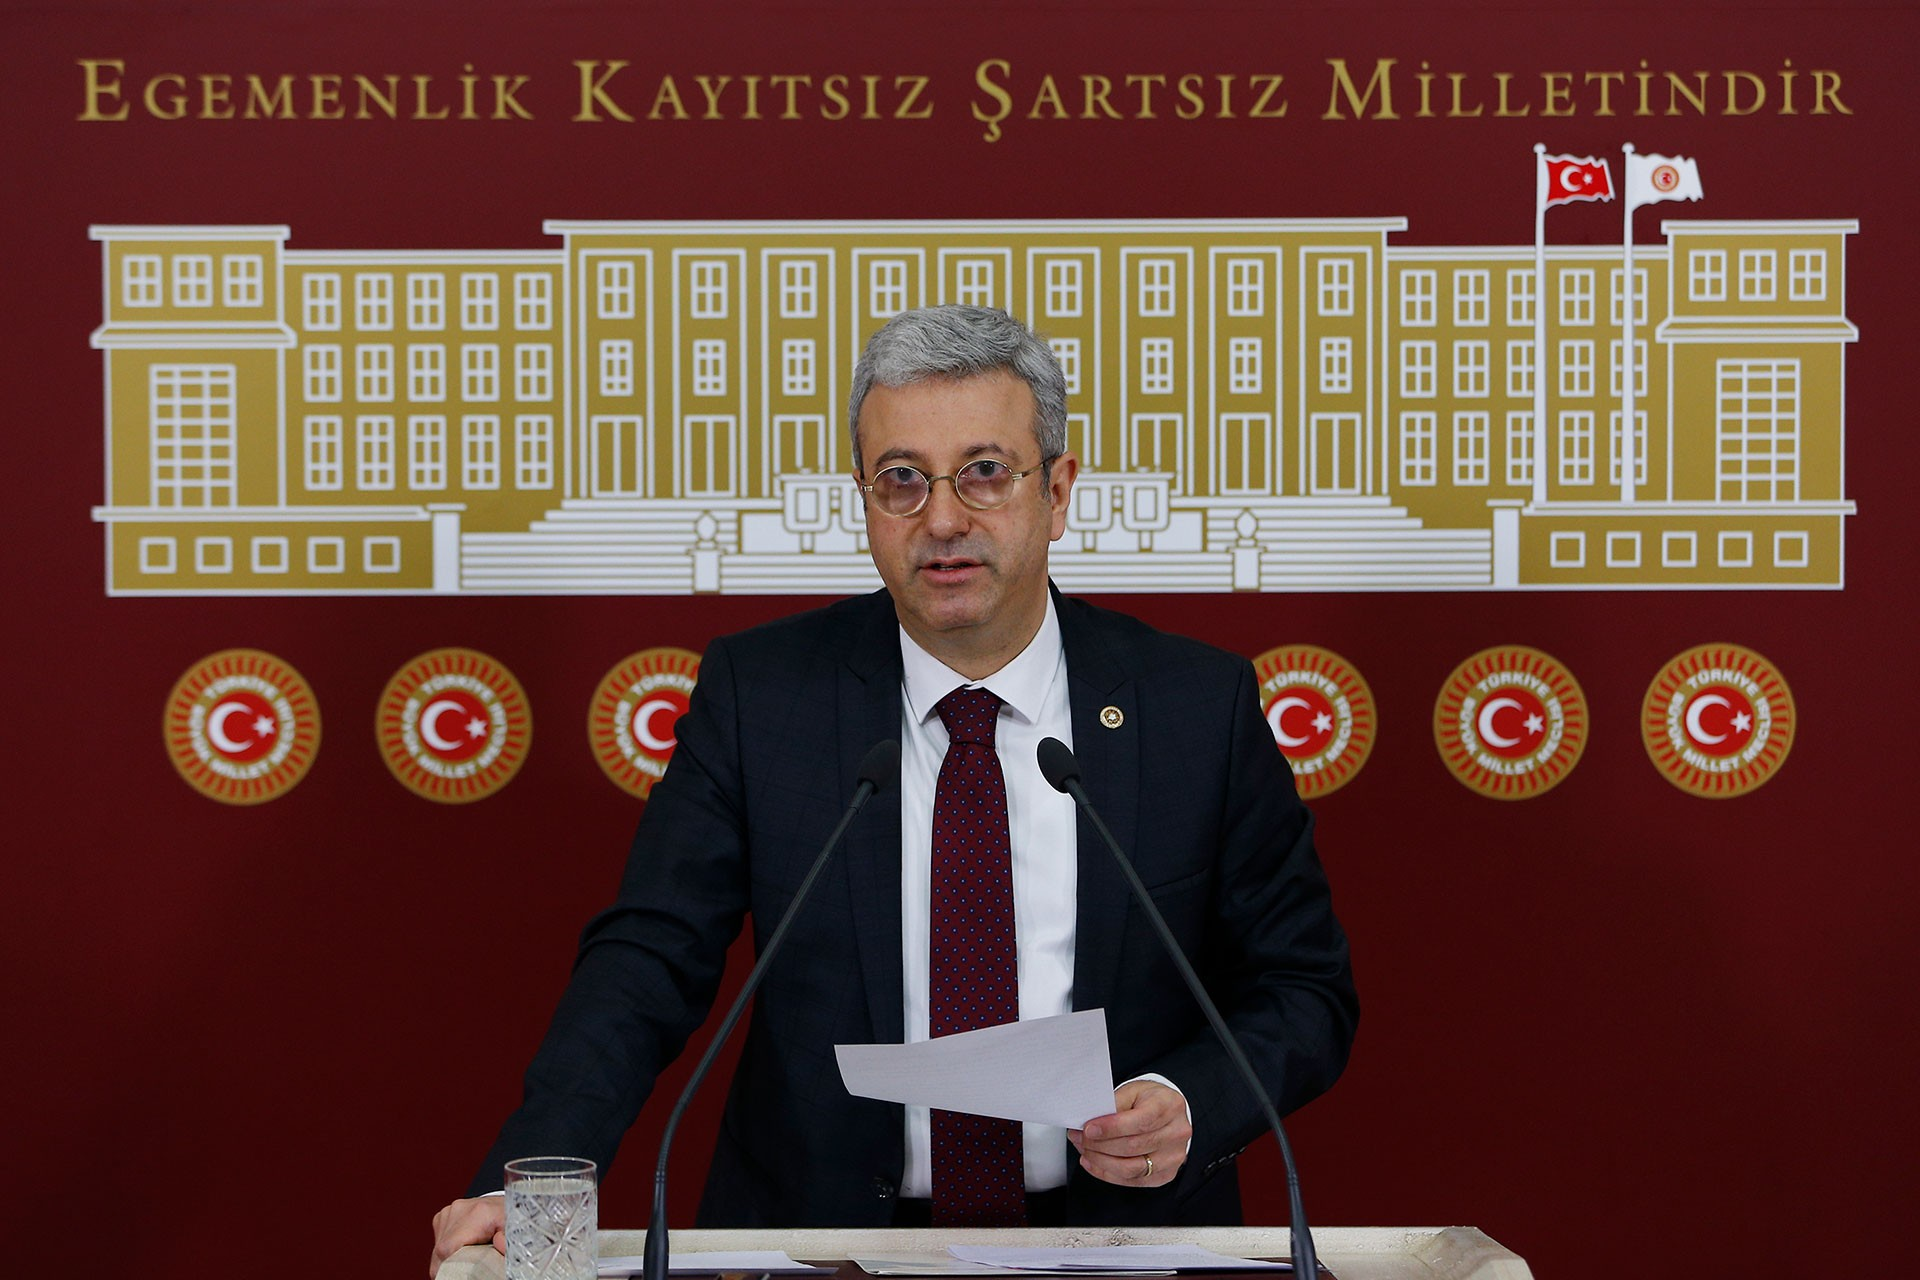 CHP'li vekil sordu: 'Biz Bize Yeteriz Türkiye' kampanyasında toplanan paralar nereye harcandı?